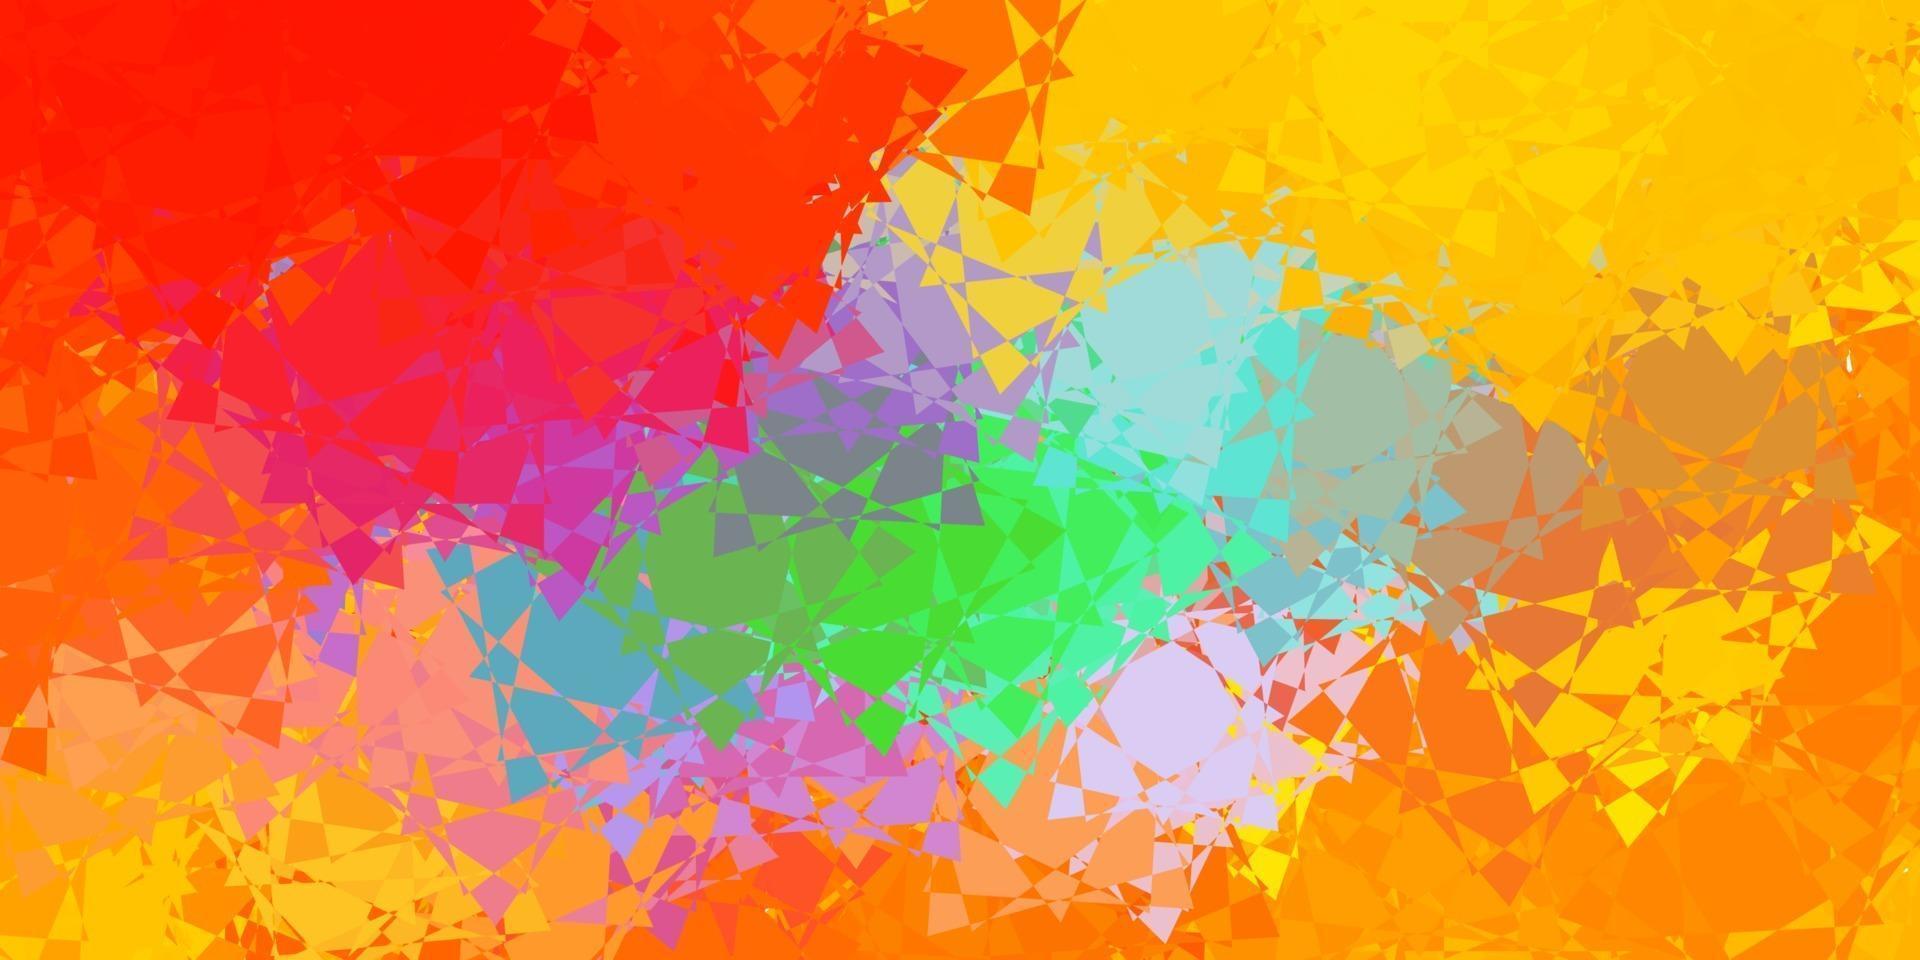 luz padrão multicolorido de vetor com formas poligonais.